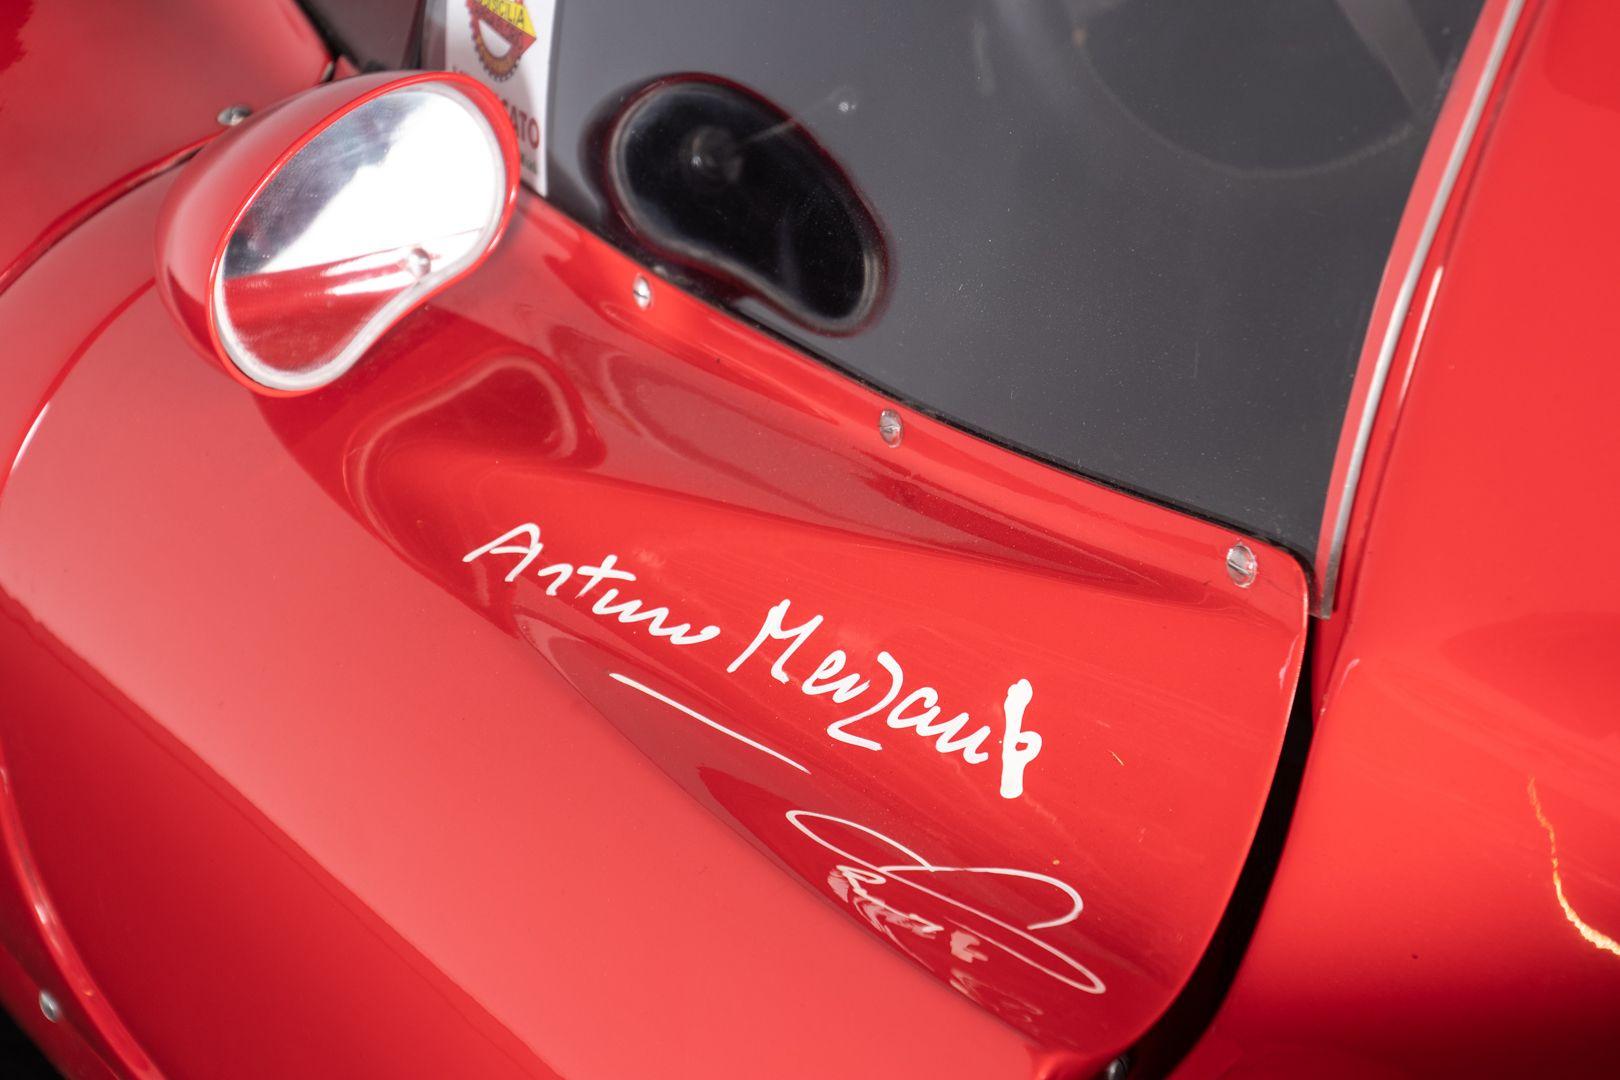 1968 Abarth 1000 SP sport prototipo 23580